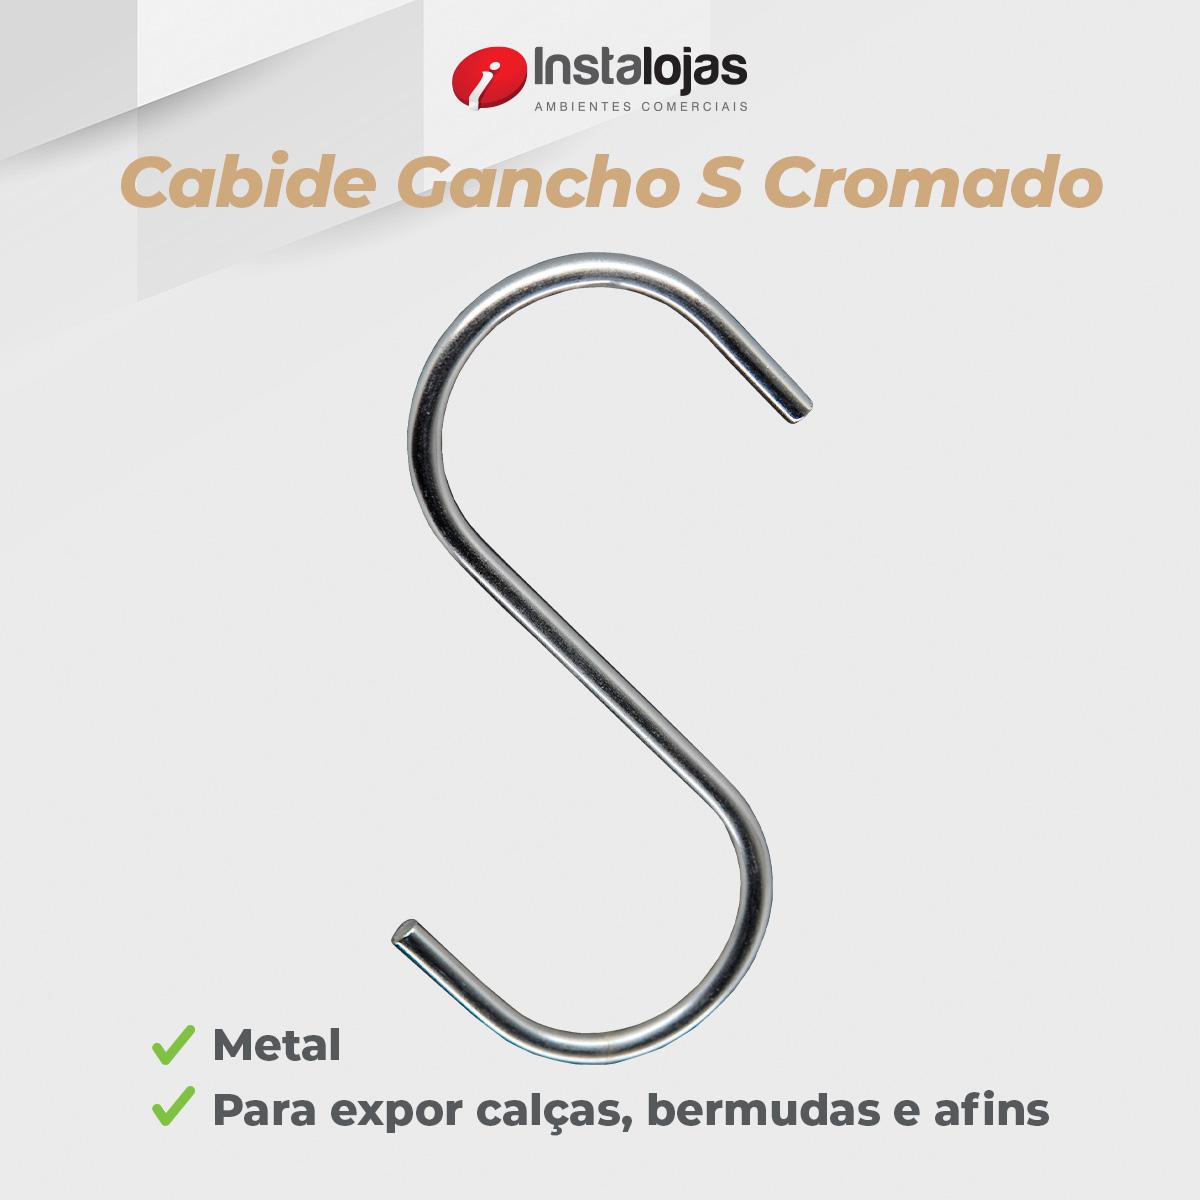 Gancho S Cromado - 10 Unidades